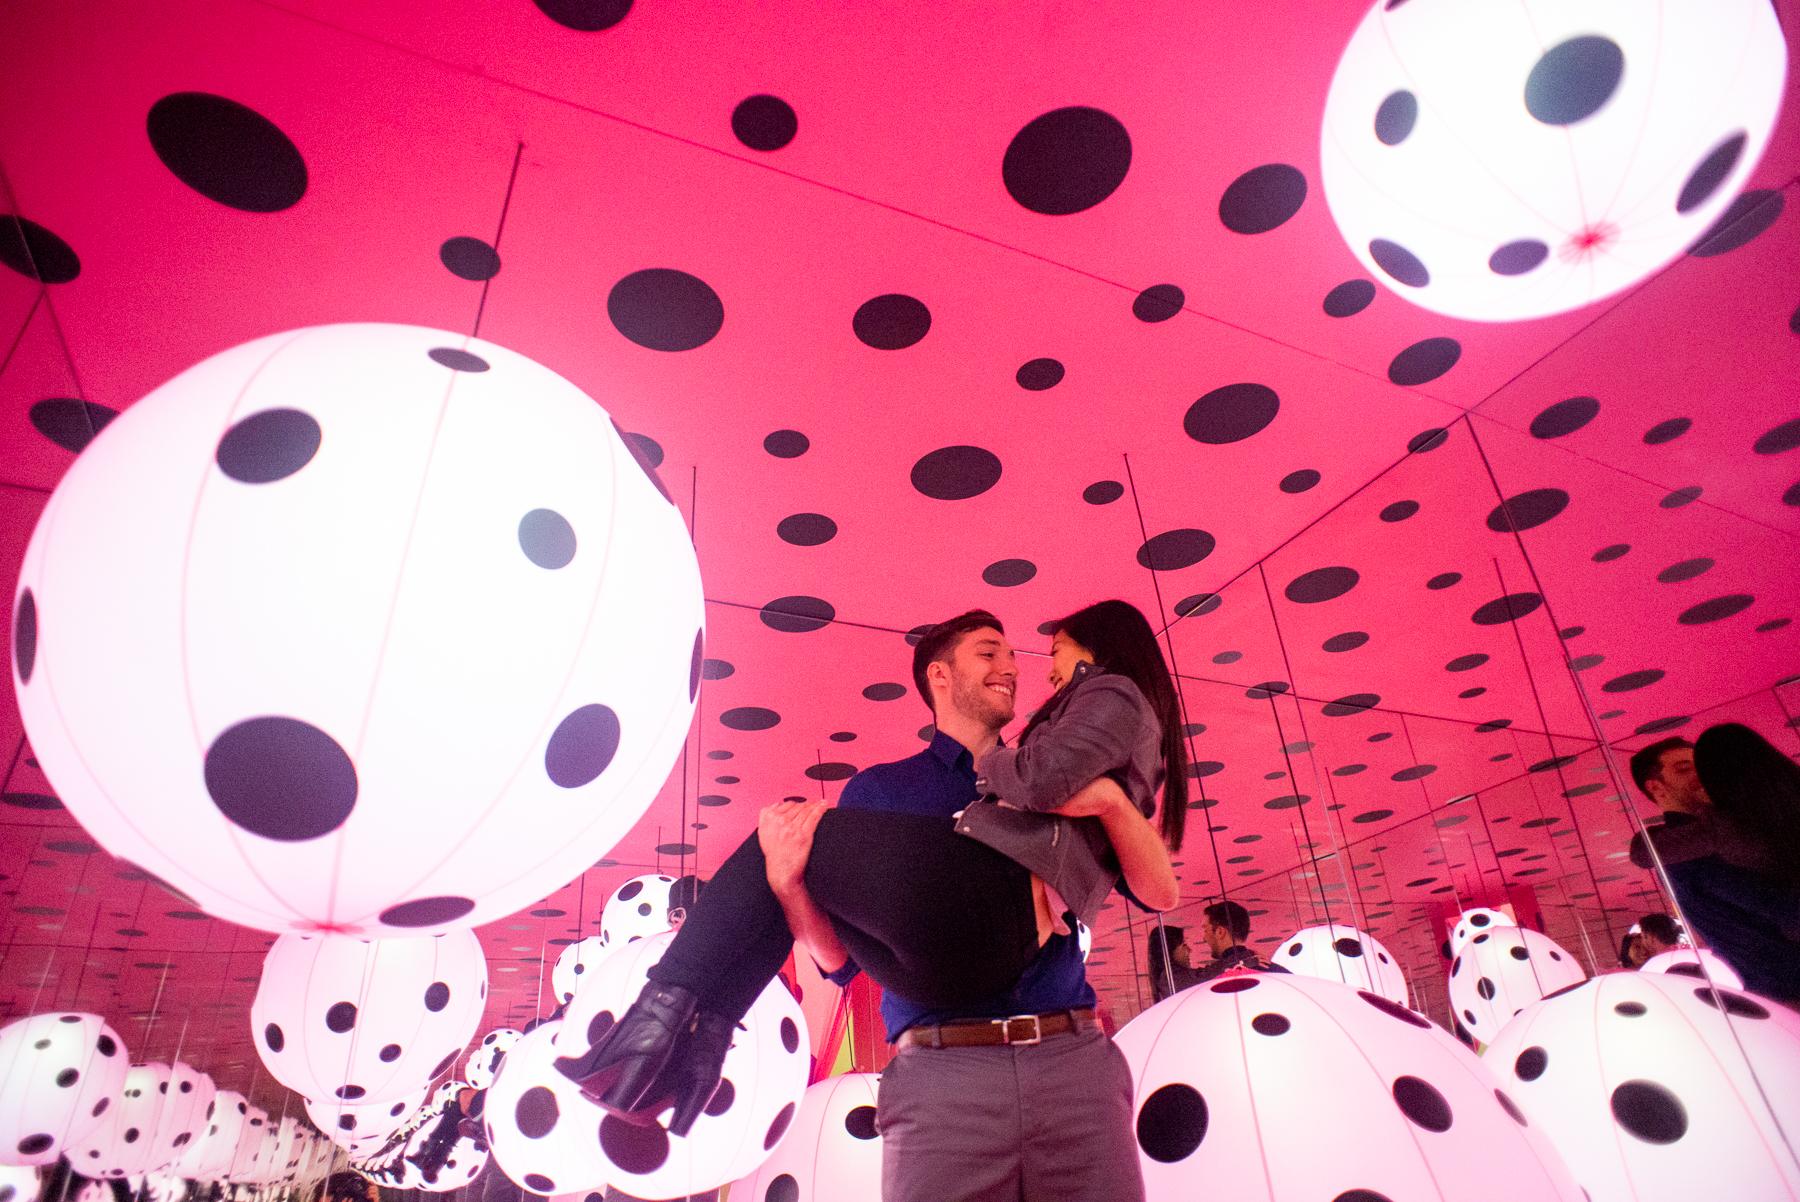 AJ Jan Yayoi Kusama Infinity Mirrors Proposal Engagement Photoshoot